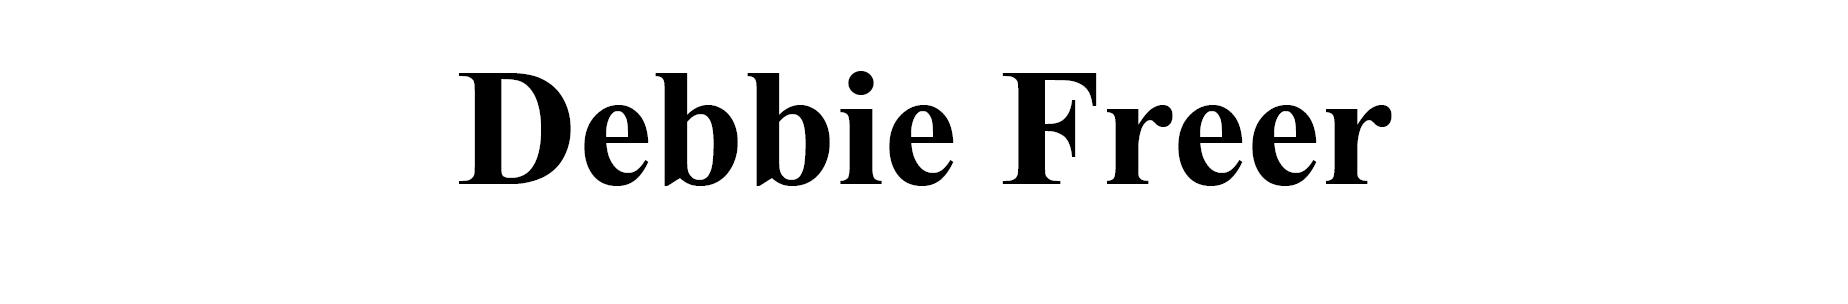 Debbie Freer